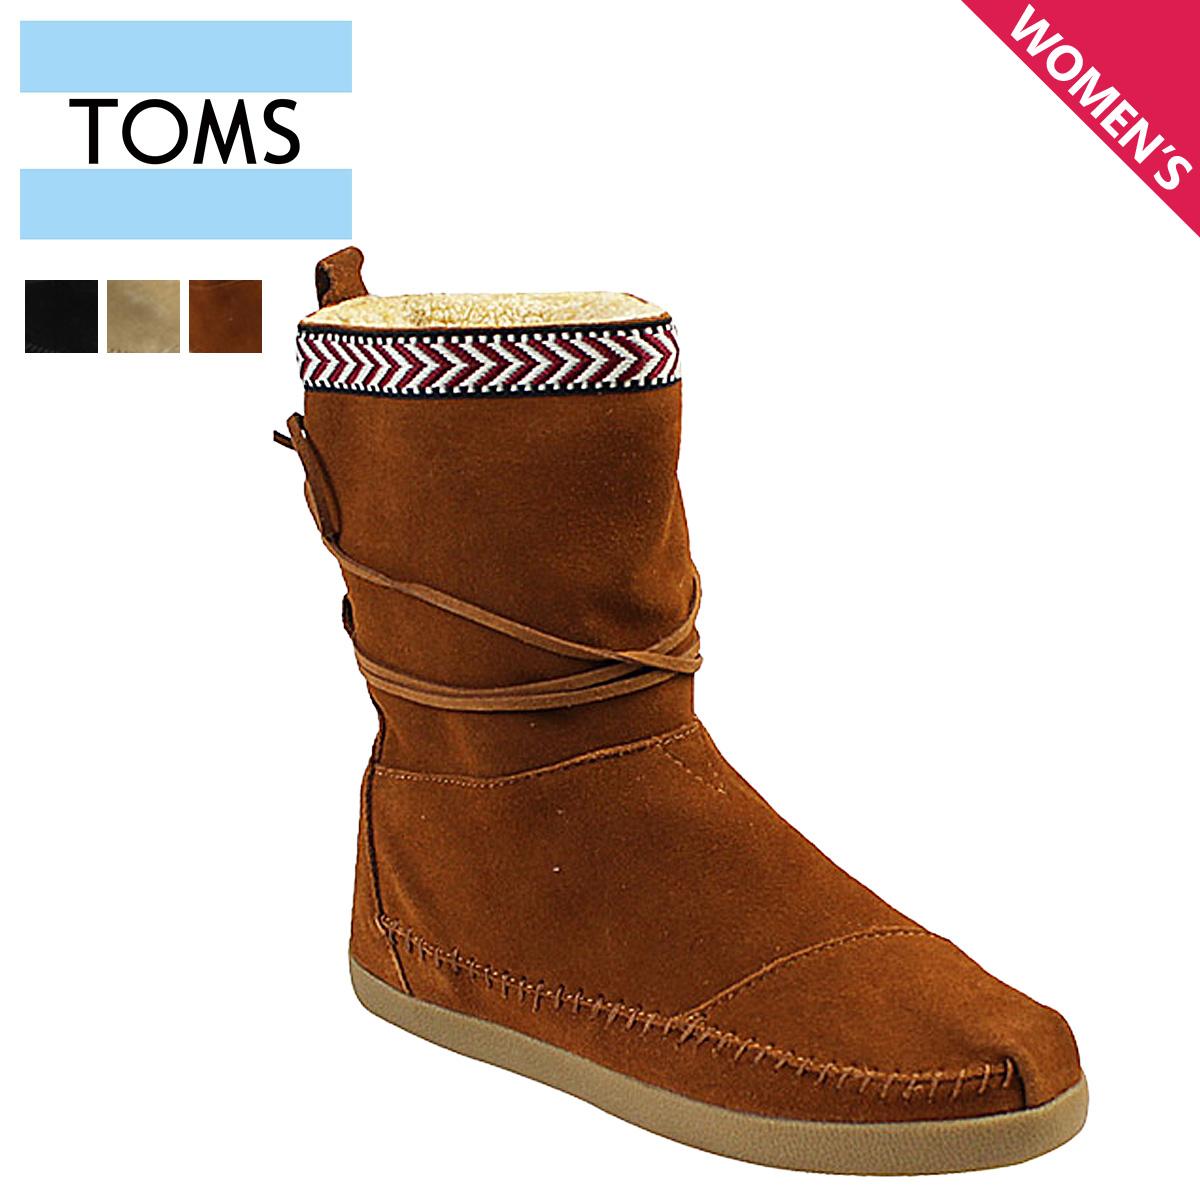 Sugar Online Shop  TOMS SHOES Toms shoes suede trim women s Nepal ... 9163087b20